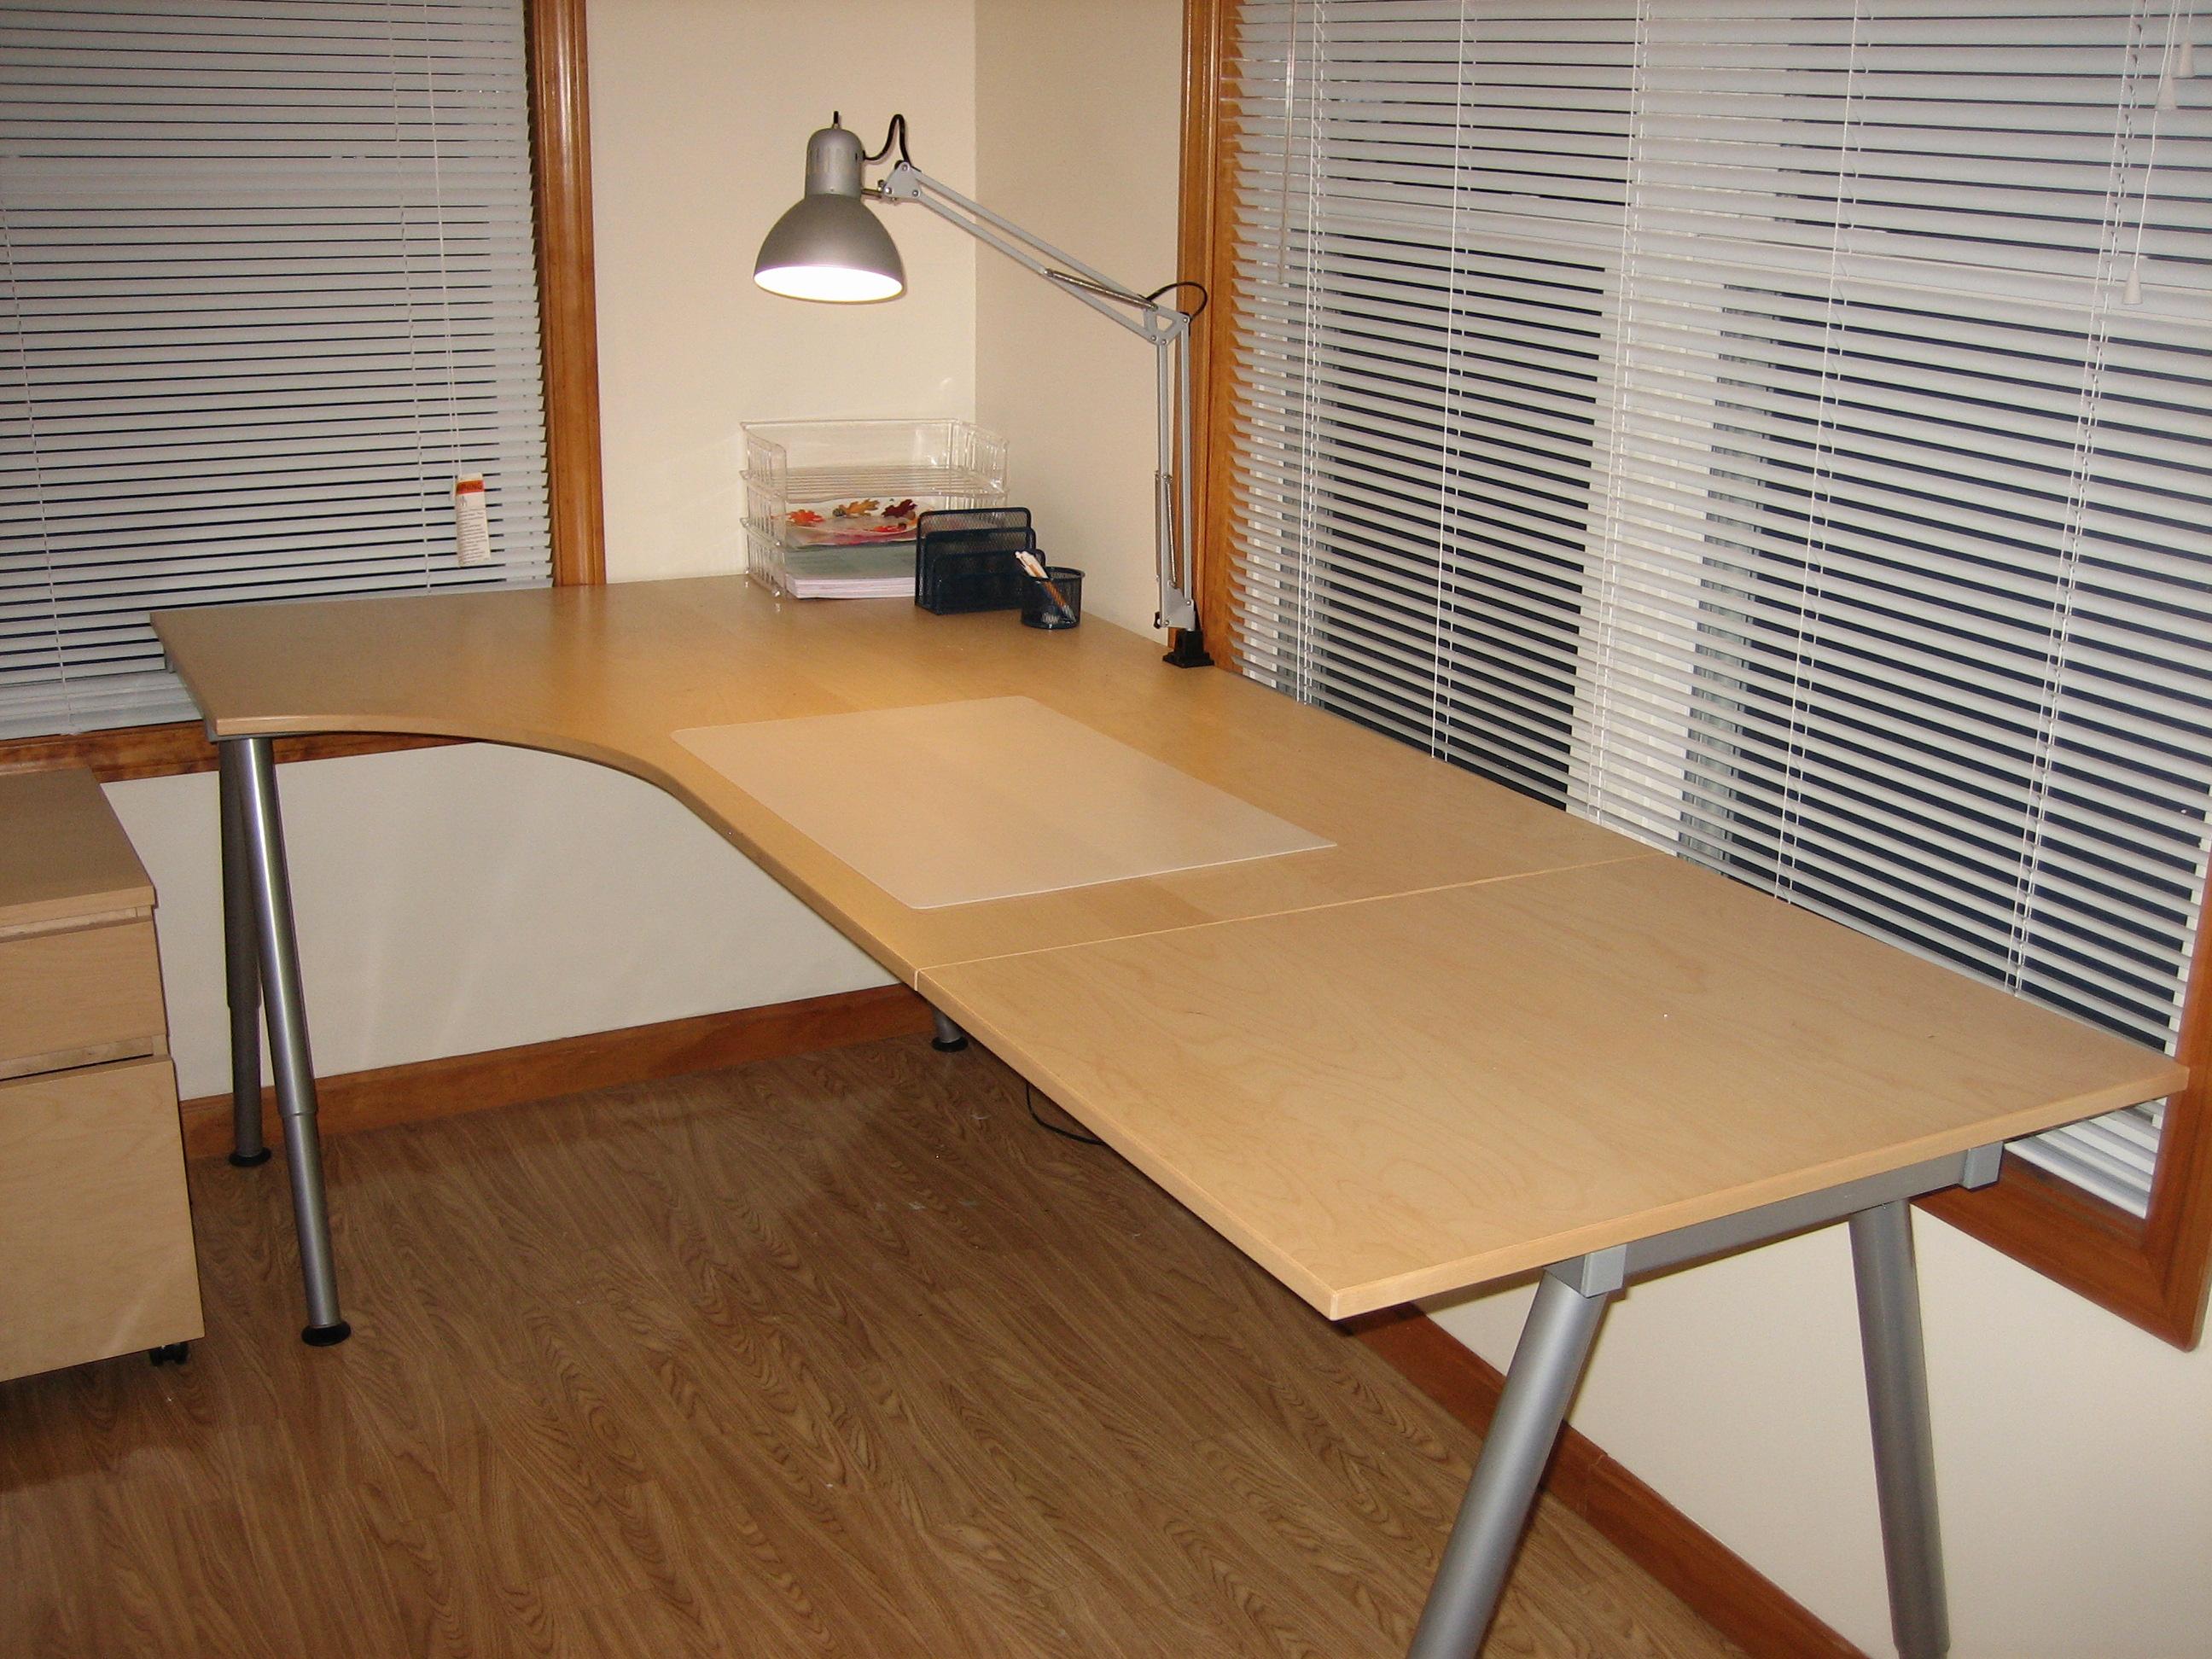 ikea galant workstation series. Black Bedroom Furniture Sets. Home Design Ideas